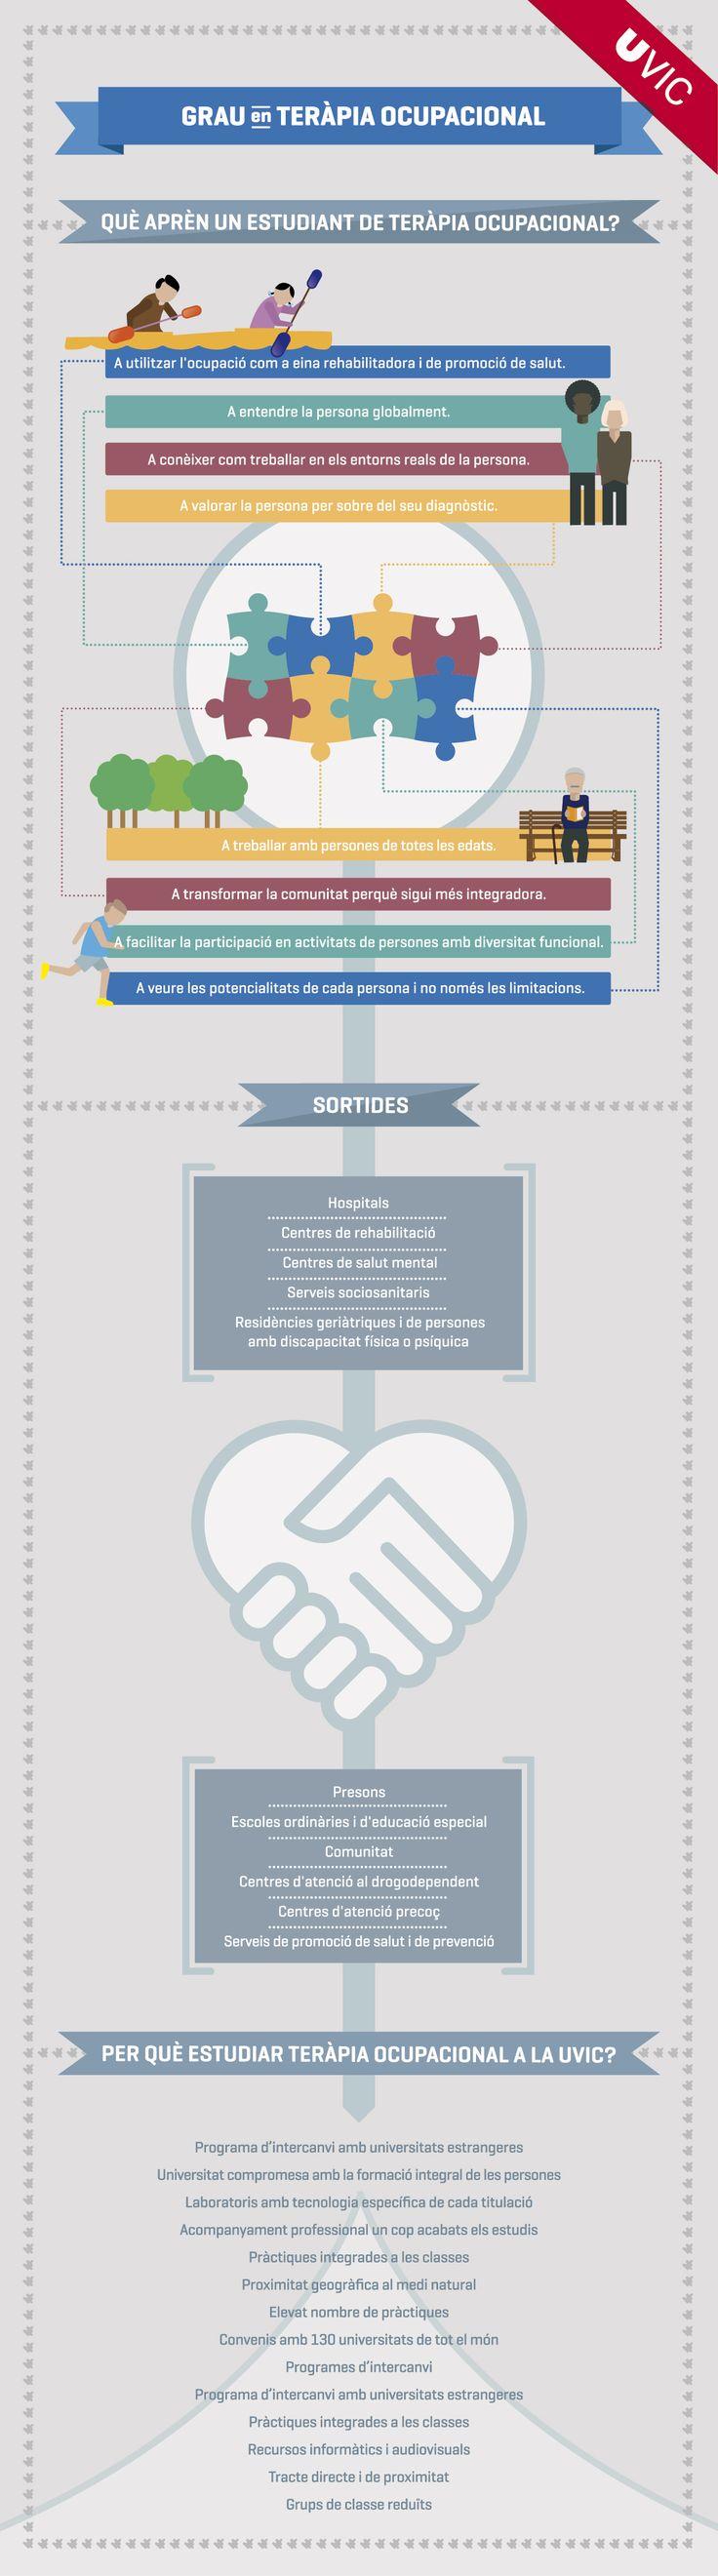 Grau en Teràpia Ocupacional de la Universitat de Vic. #Infografia #Grau #TeràpiaOcupacional #TO #UVic #universitatdevic #uviclife